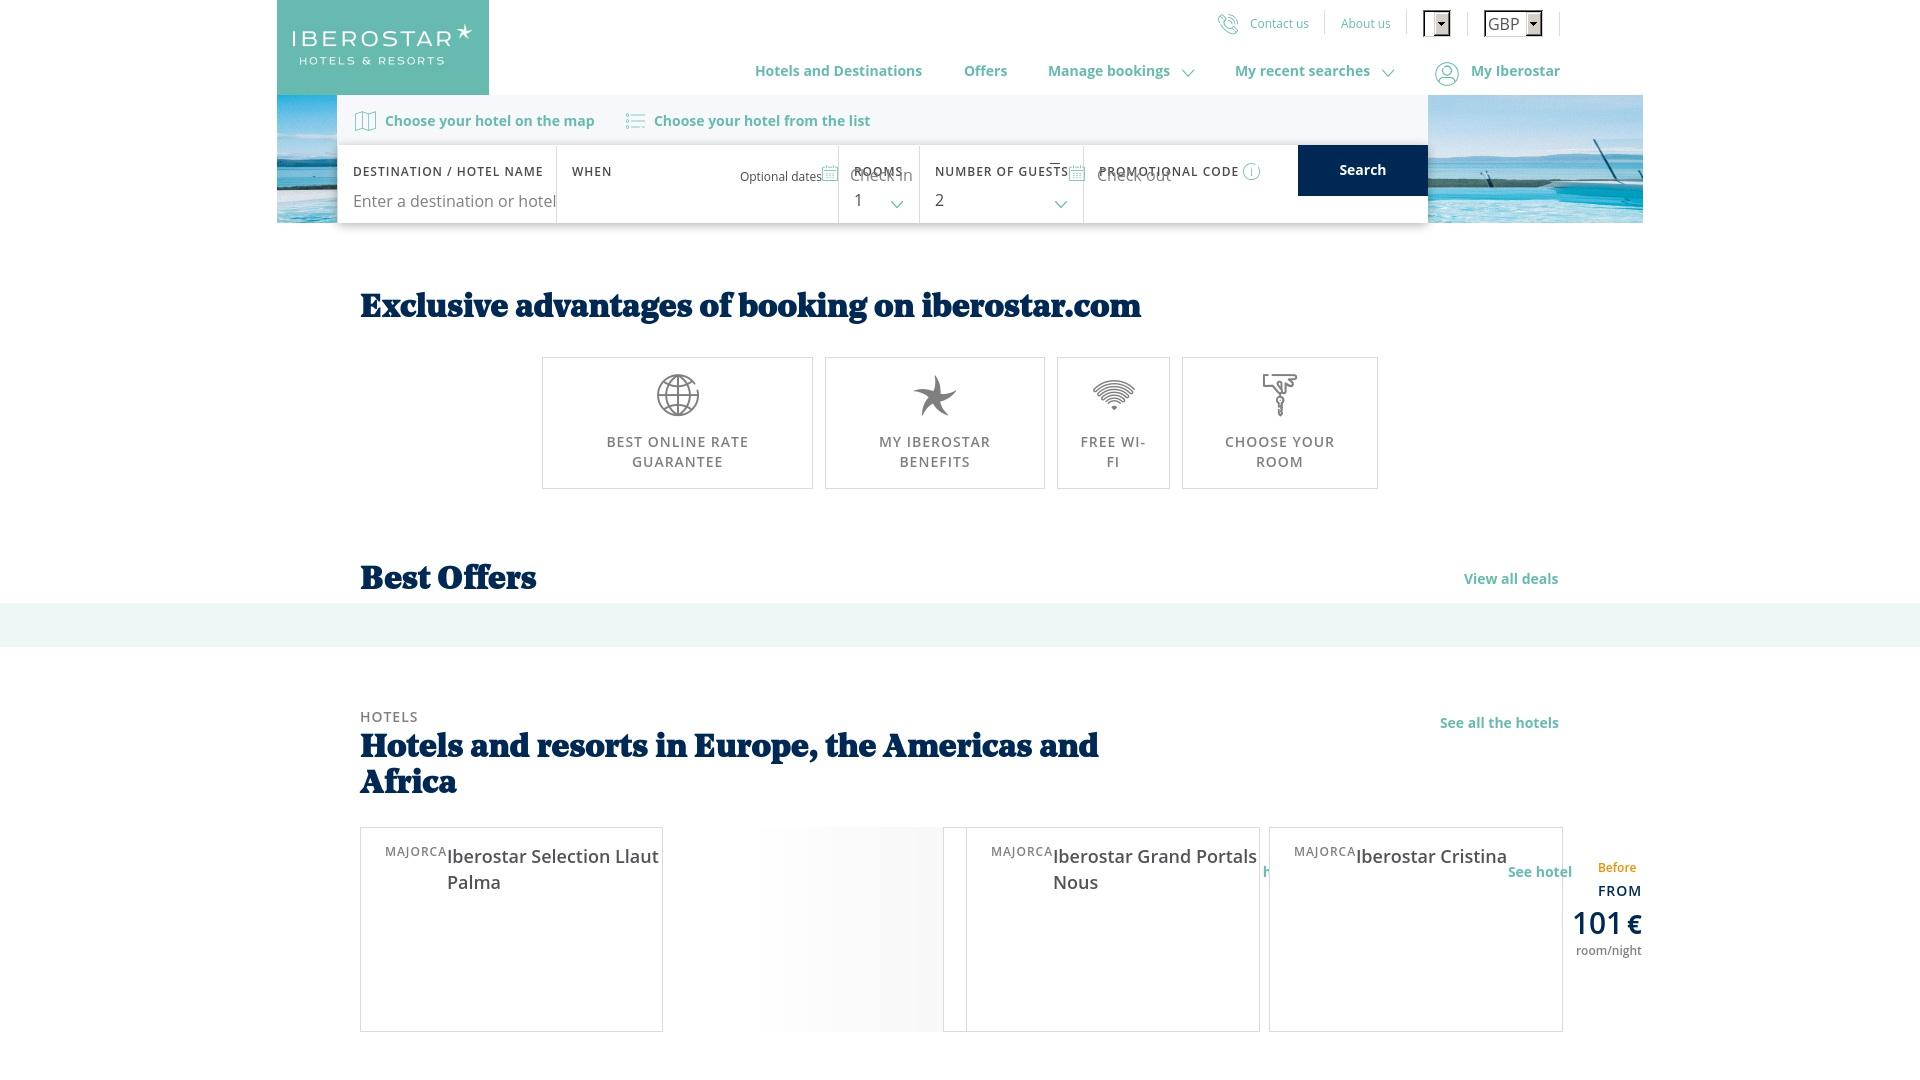 Geld zurück bei Iberostar: Jetzt im Juli 2021 Cashback für Iberostar sichern